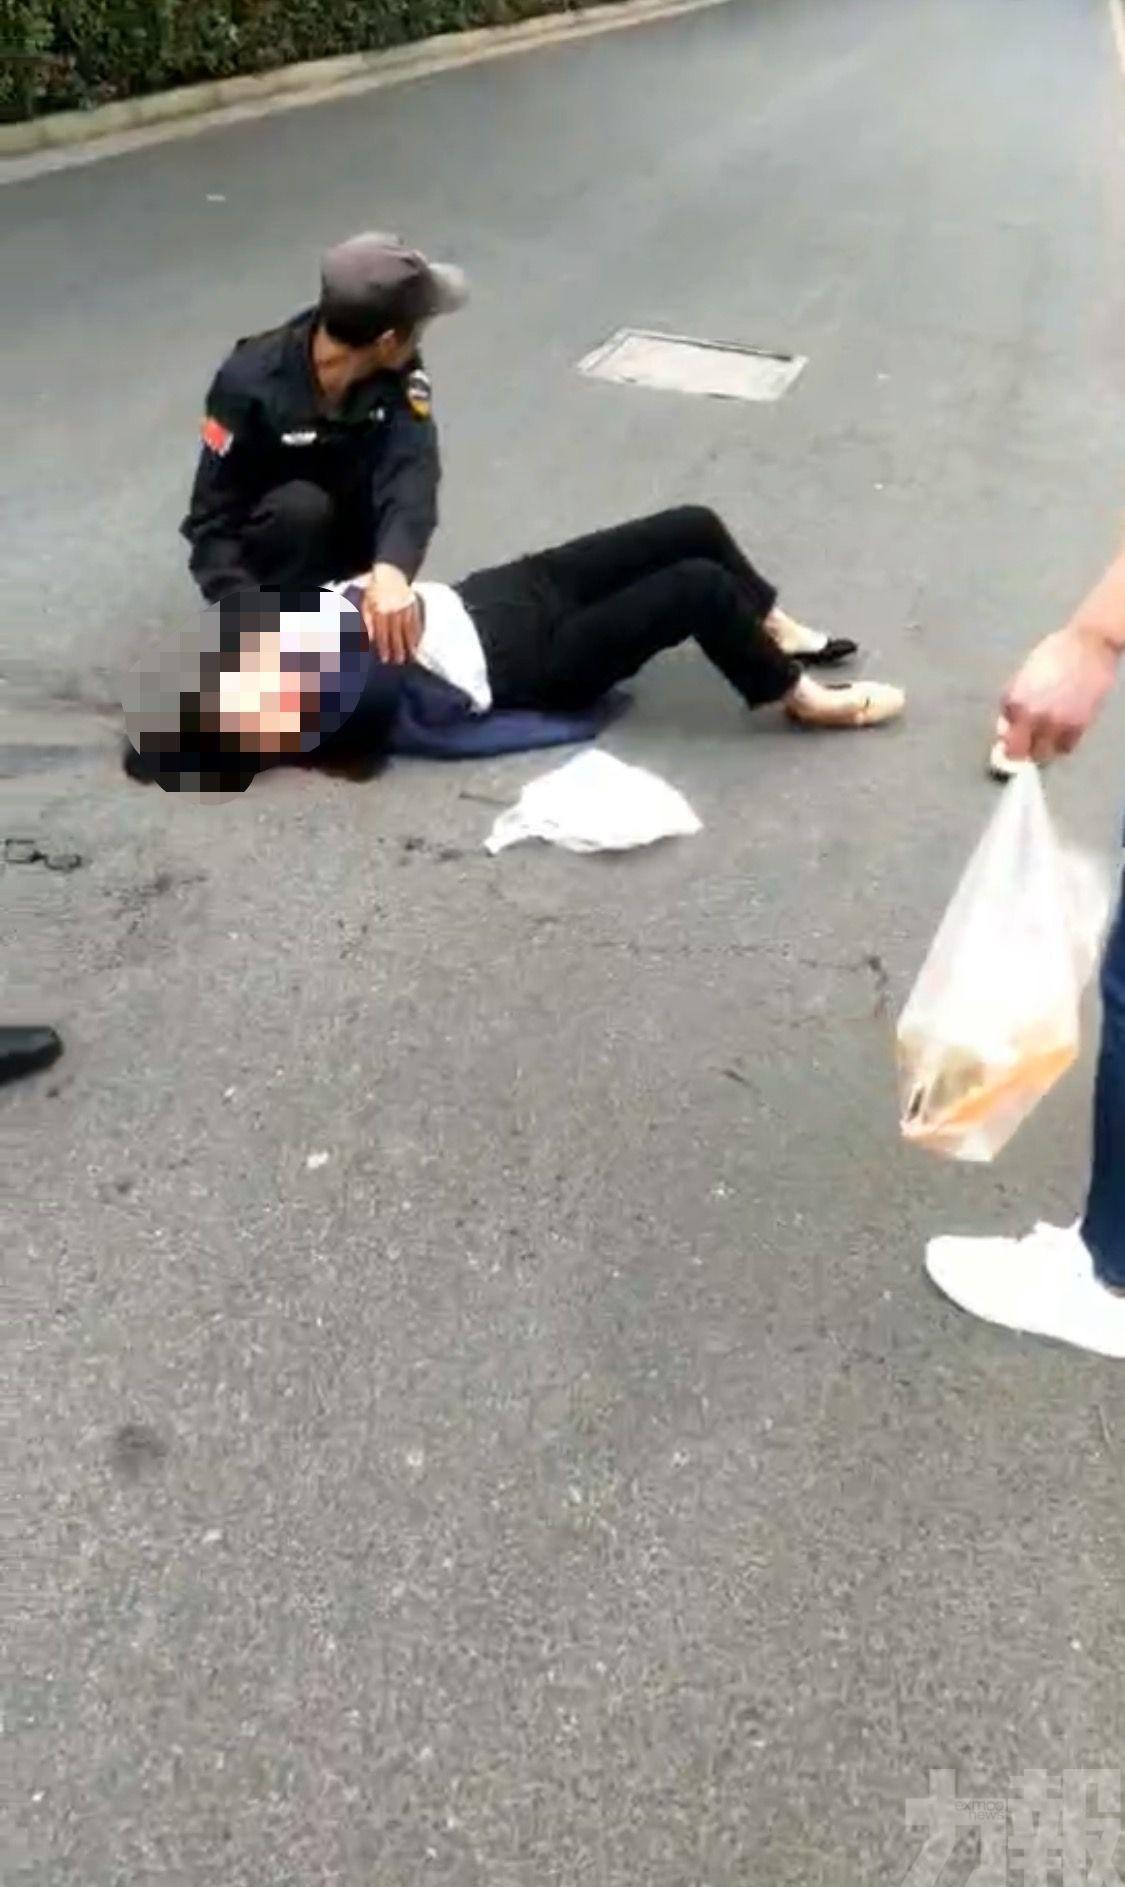 目擊者:男子行兇後疑飲農藥自殺